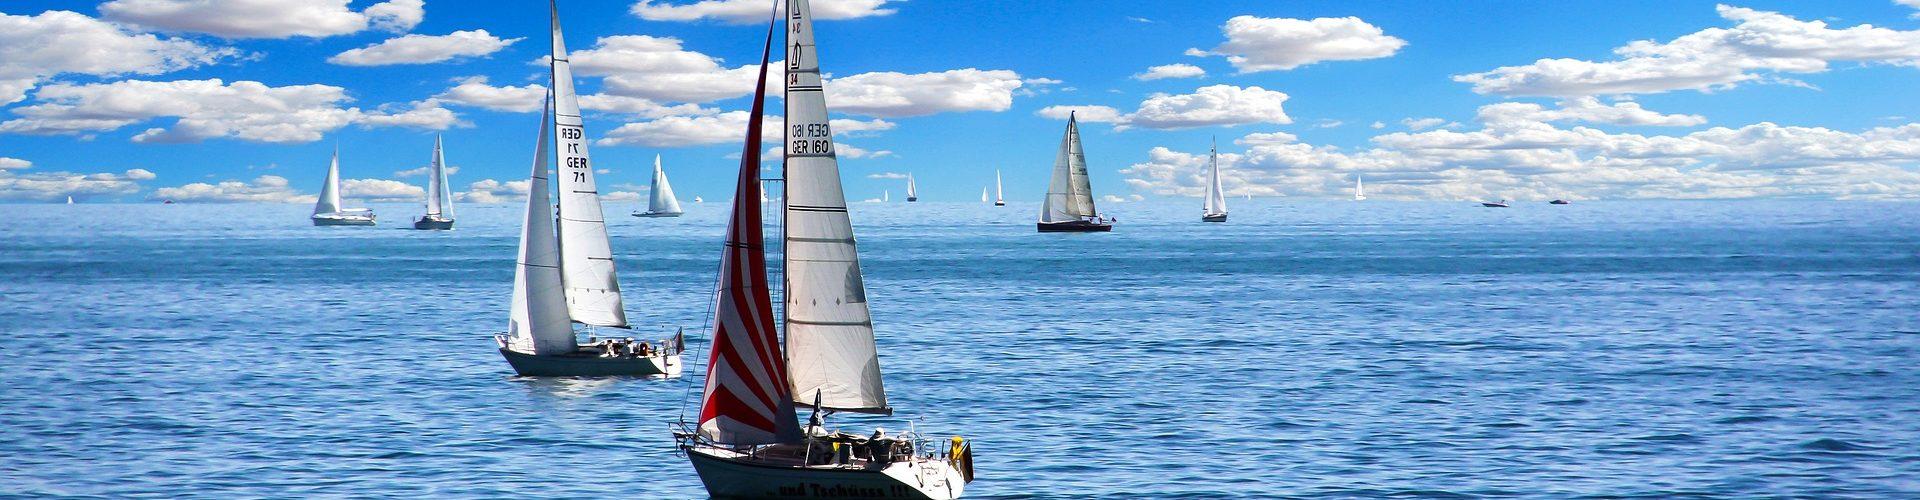 segeln lernen in Dannstadt Schauernheim segelschein machen in Dannstadt Schauernheim 1920x500 - Segeln lernen in Dannstadt-Schauernheim